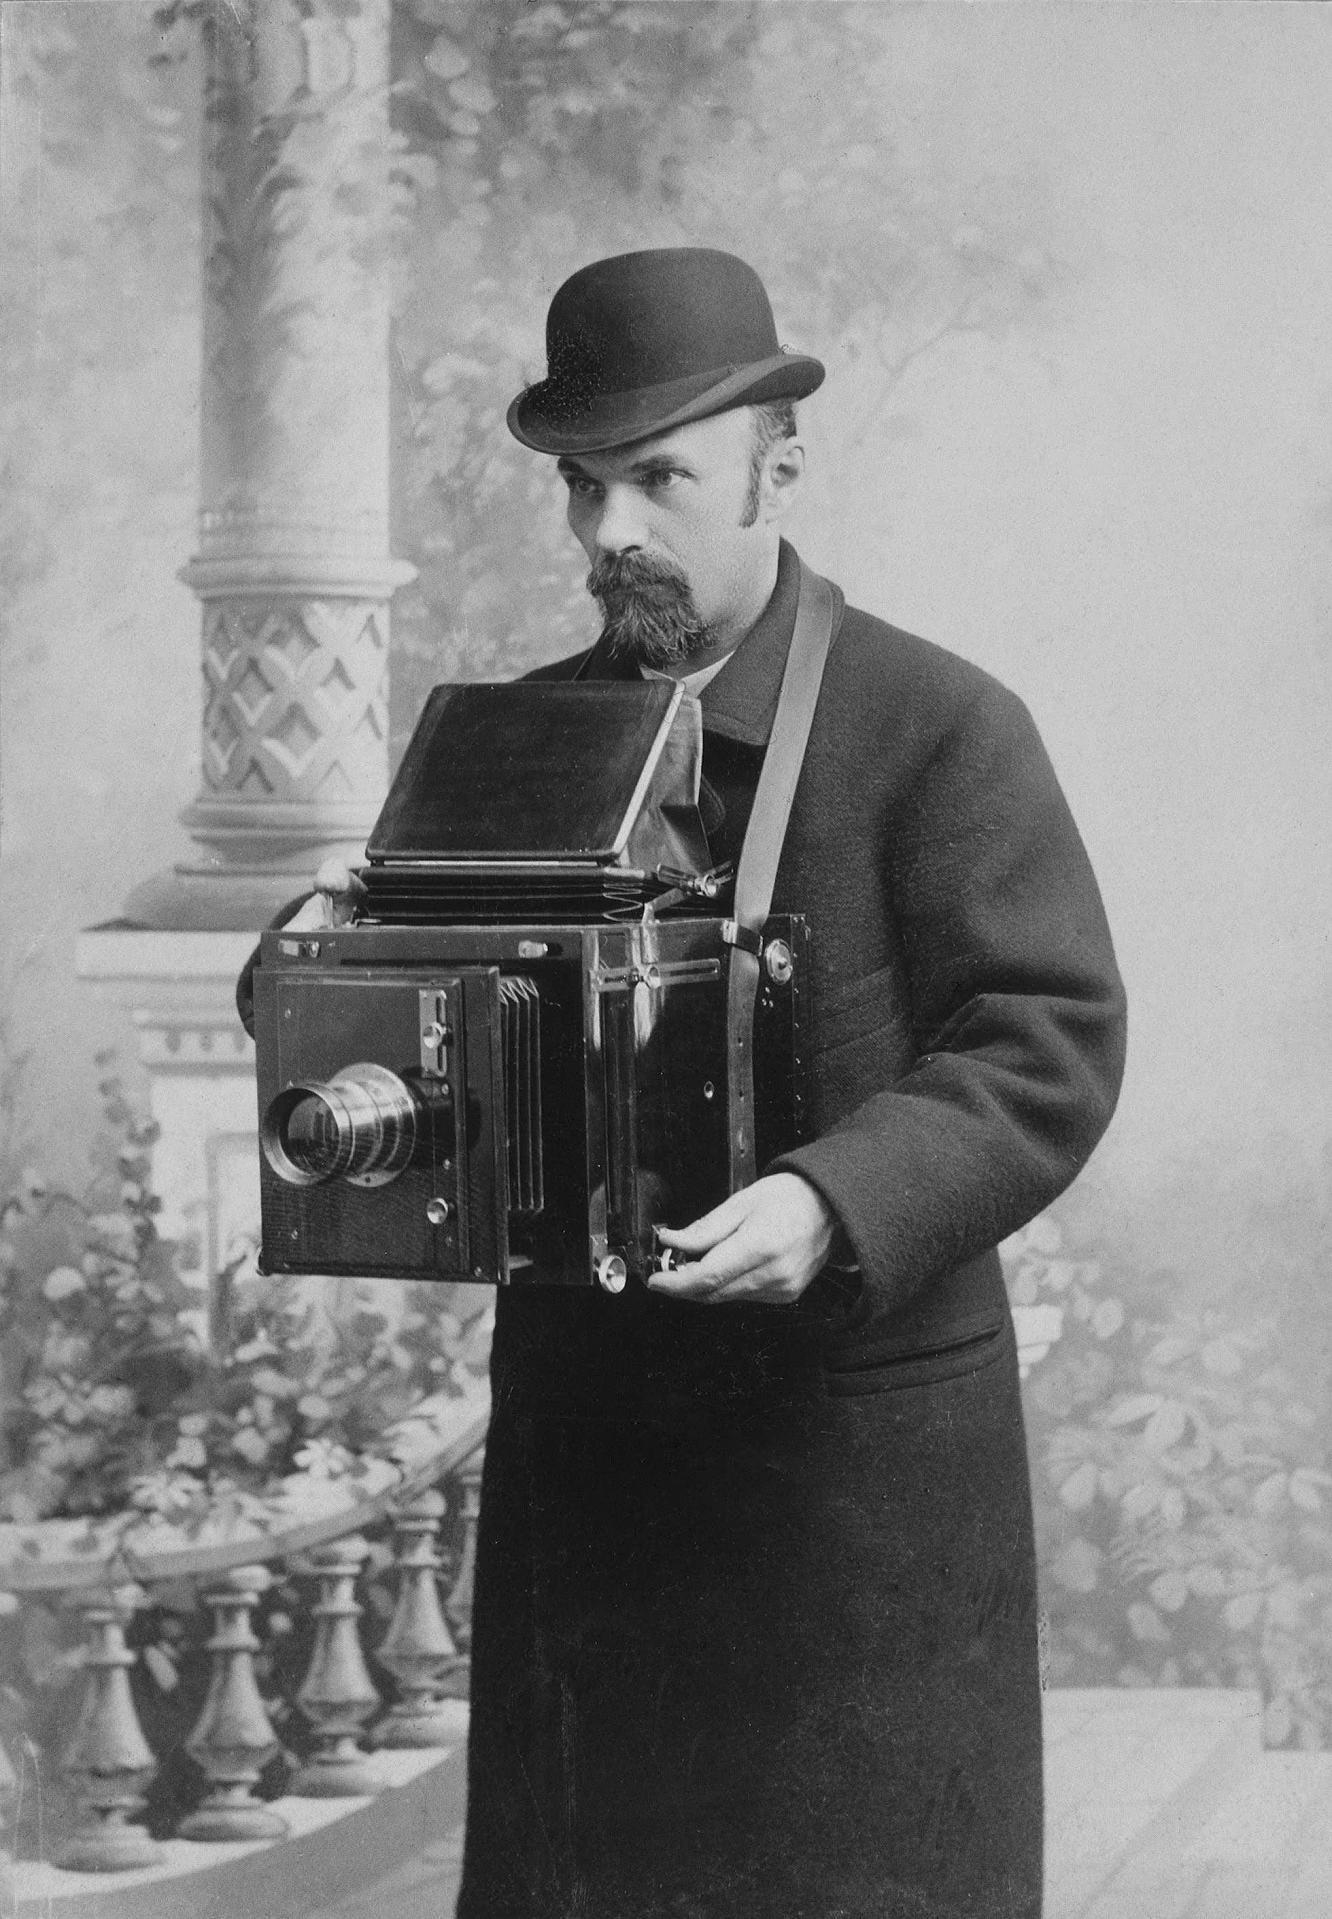 Autorretrato de Carl Bulla, 1917.